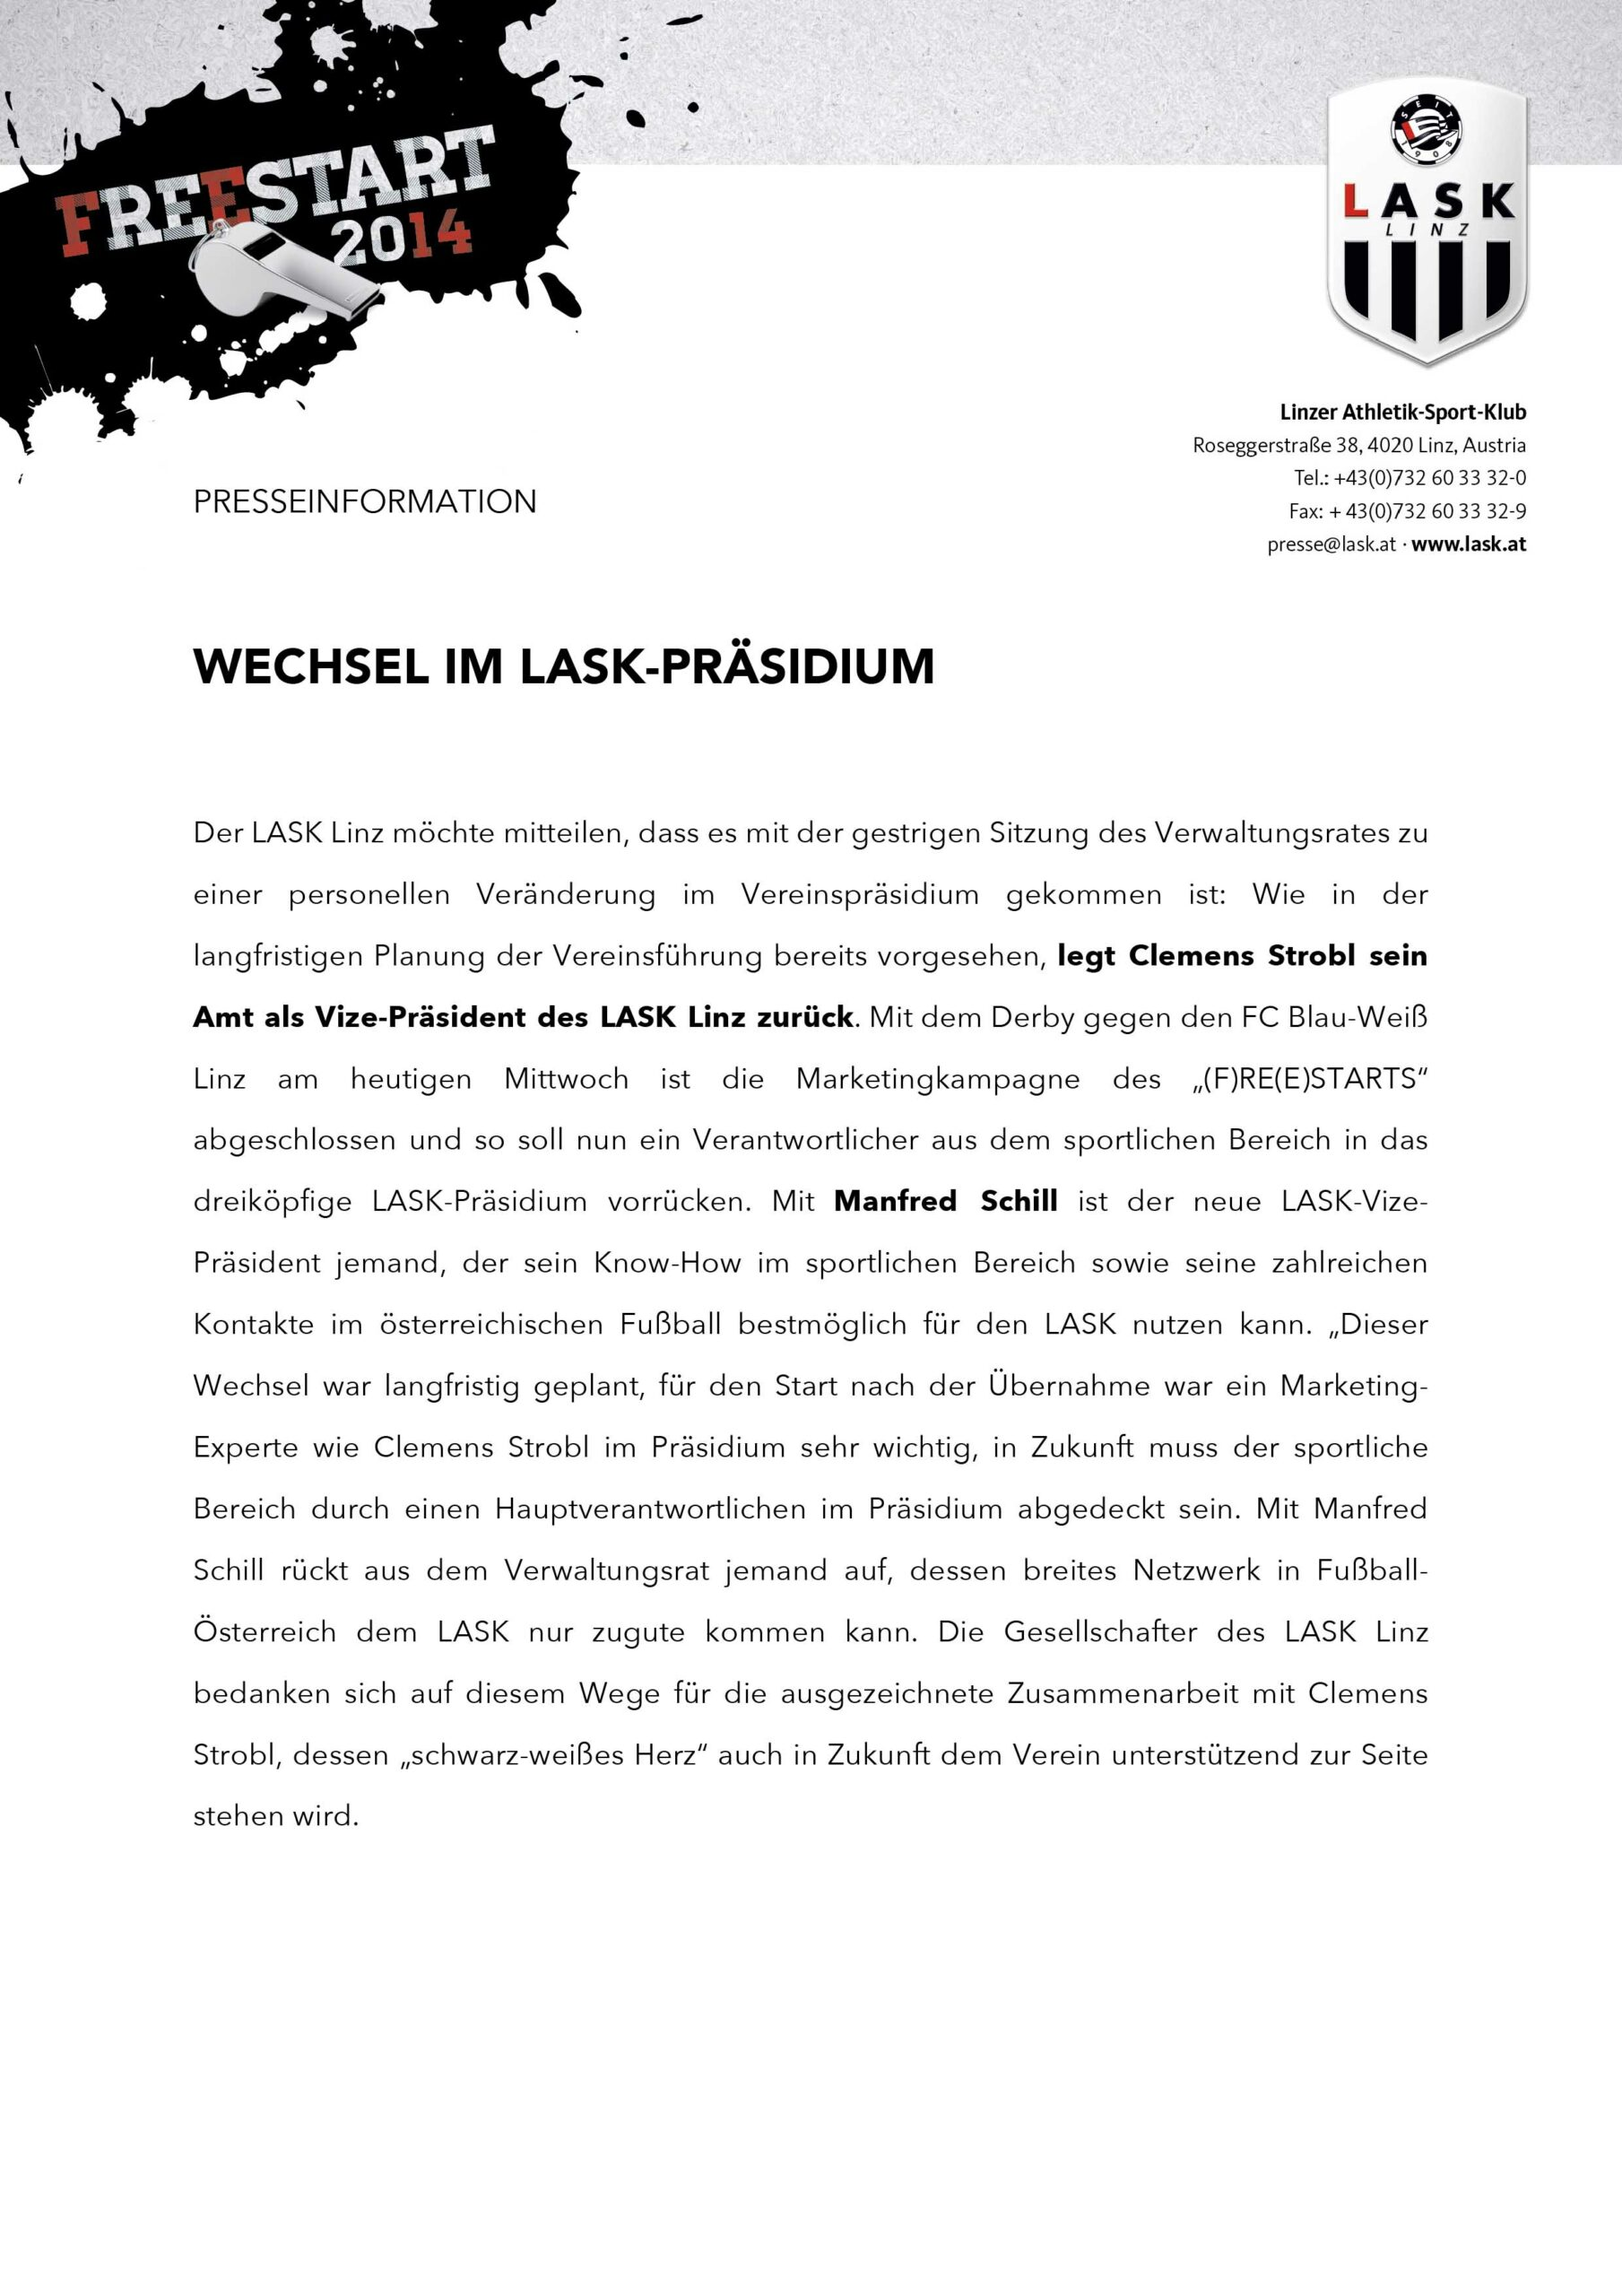 Presseaussendung9-2014